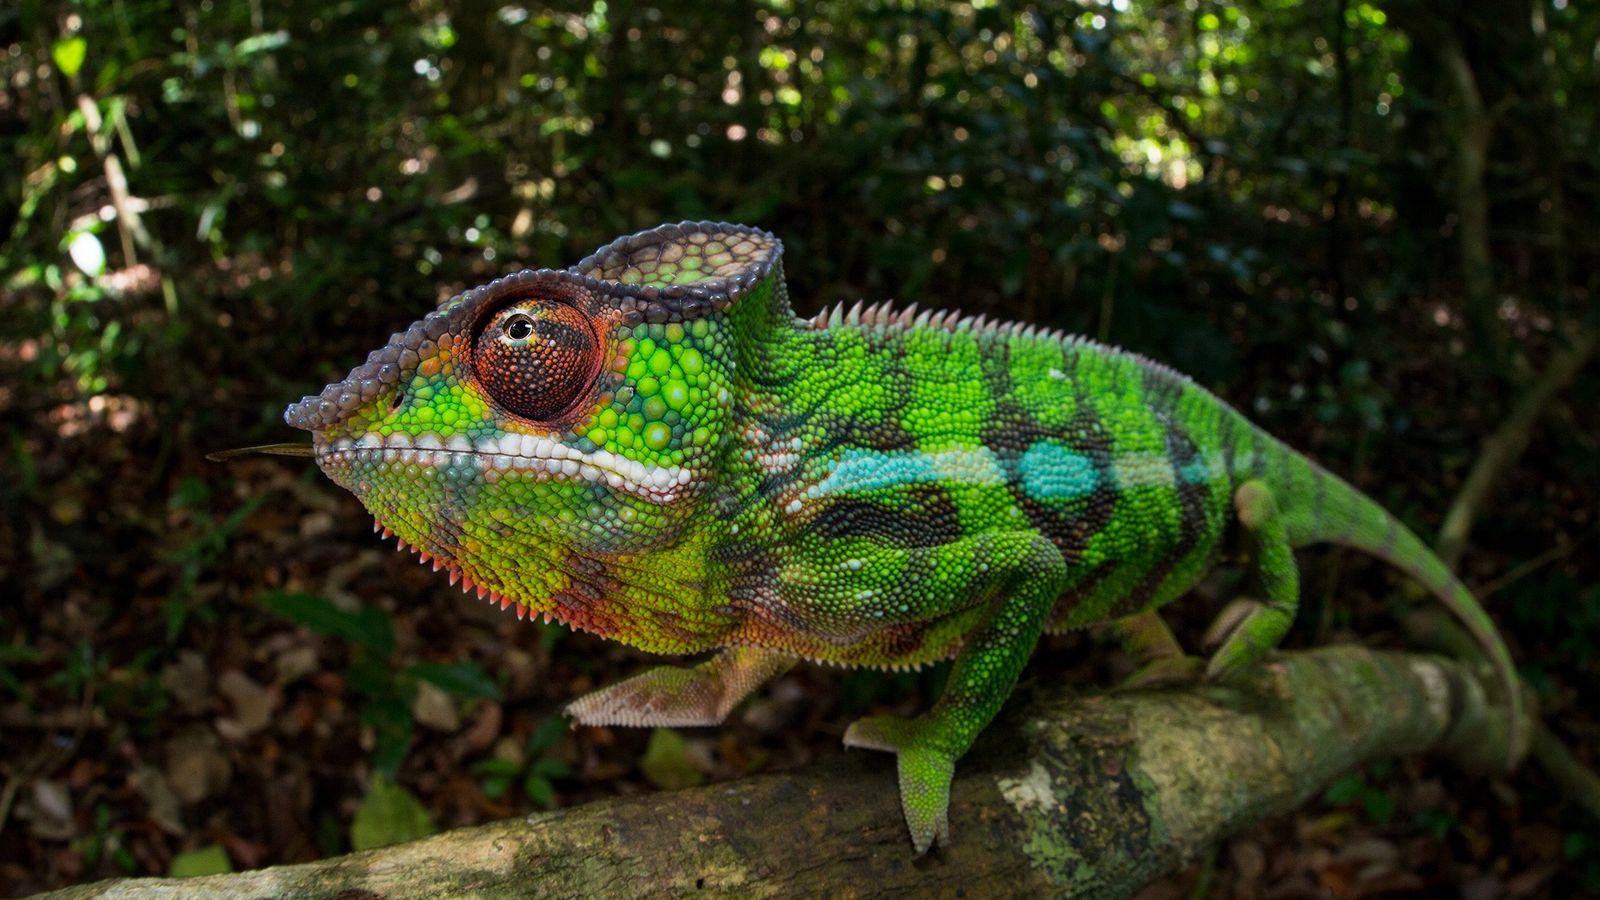 Natif de Madagascar, le caméléon panthère peut prendre toutes les couleurs de l'arc-en-ciel.